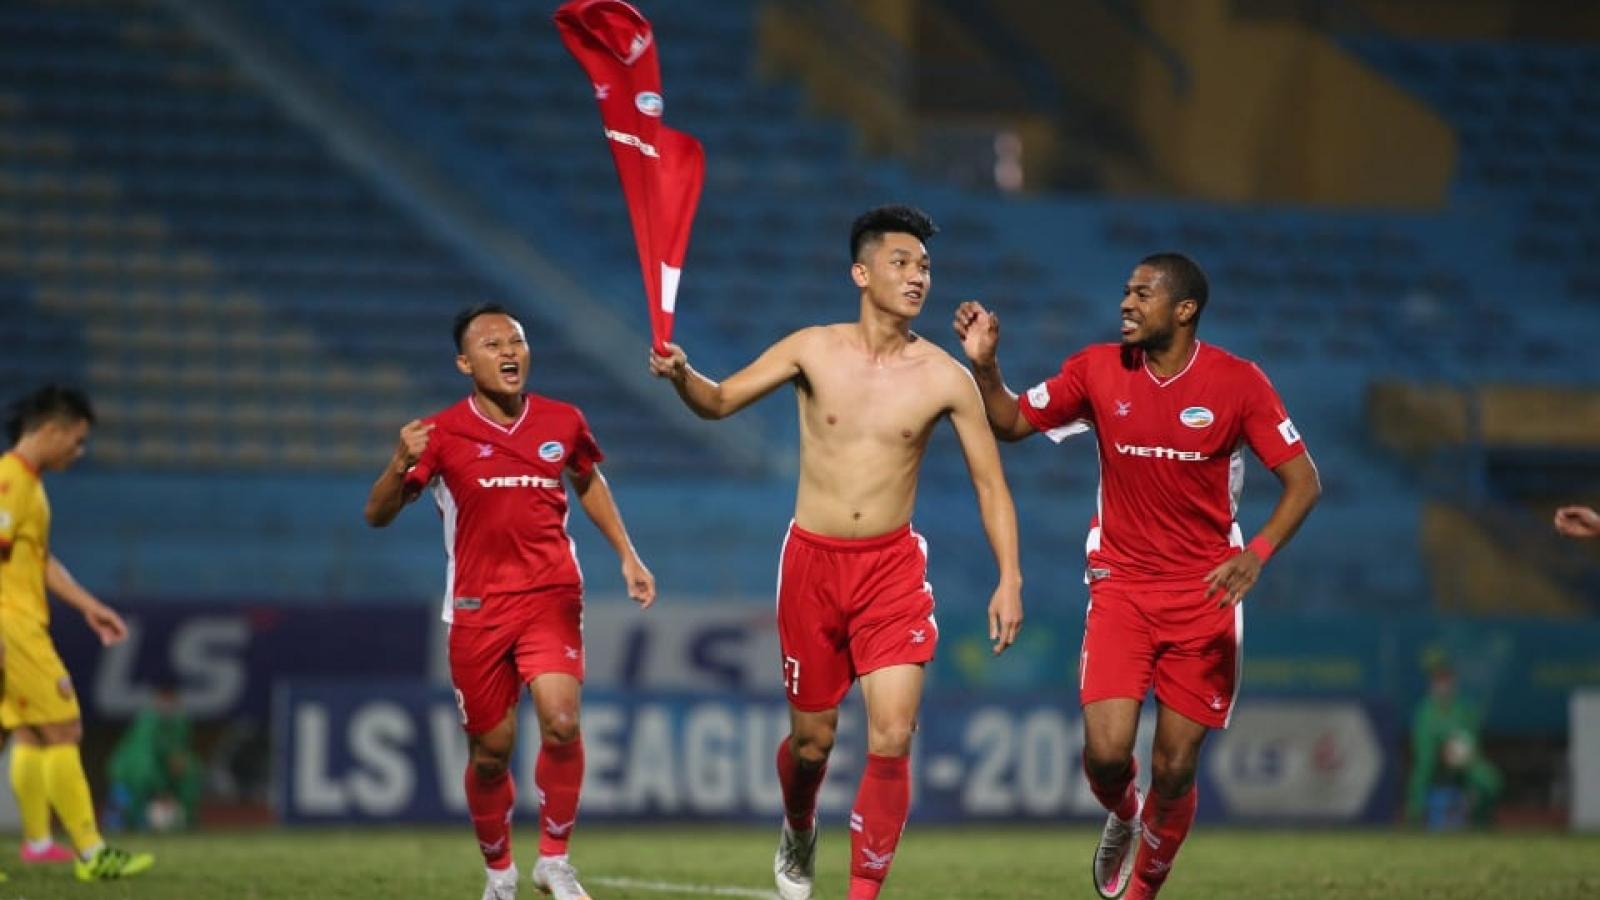 """5 điểm nhấn vòng 4 GĐ II V-League 2020: HAGL lại thua, Hà Nội FC chờ """"đại chiến"""" Viettel"""